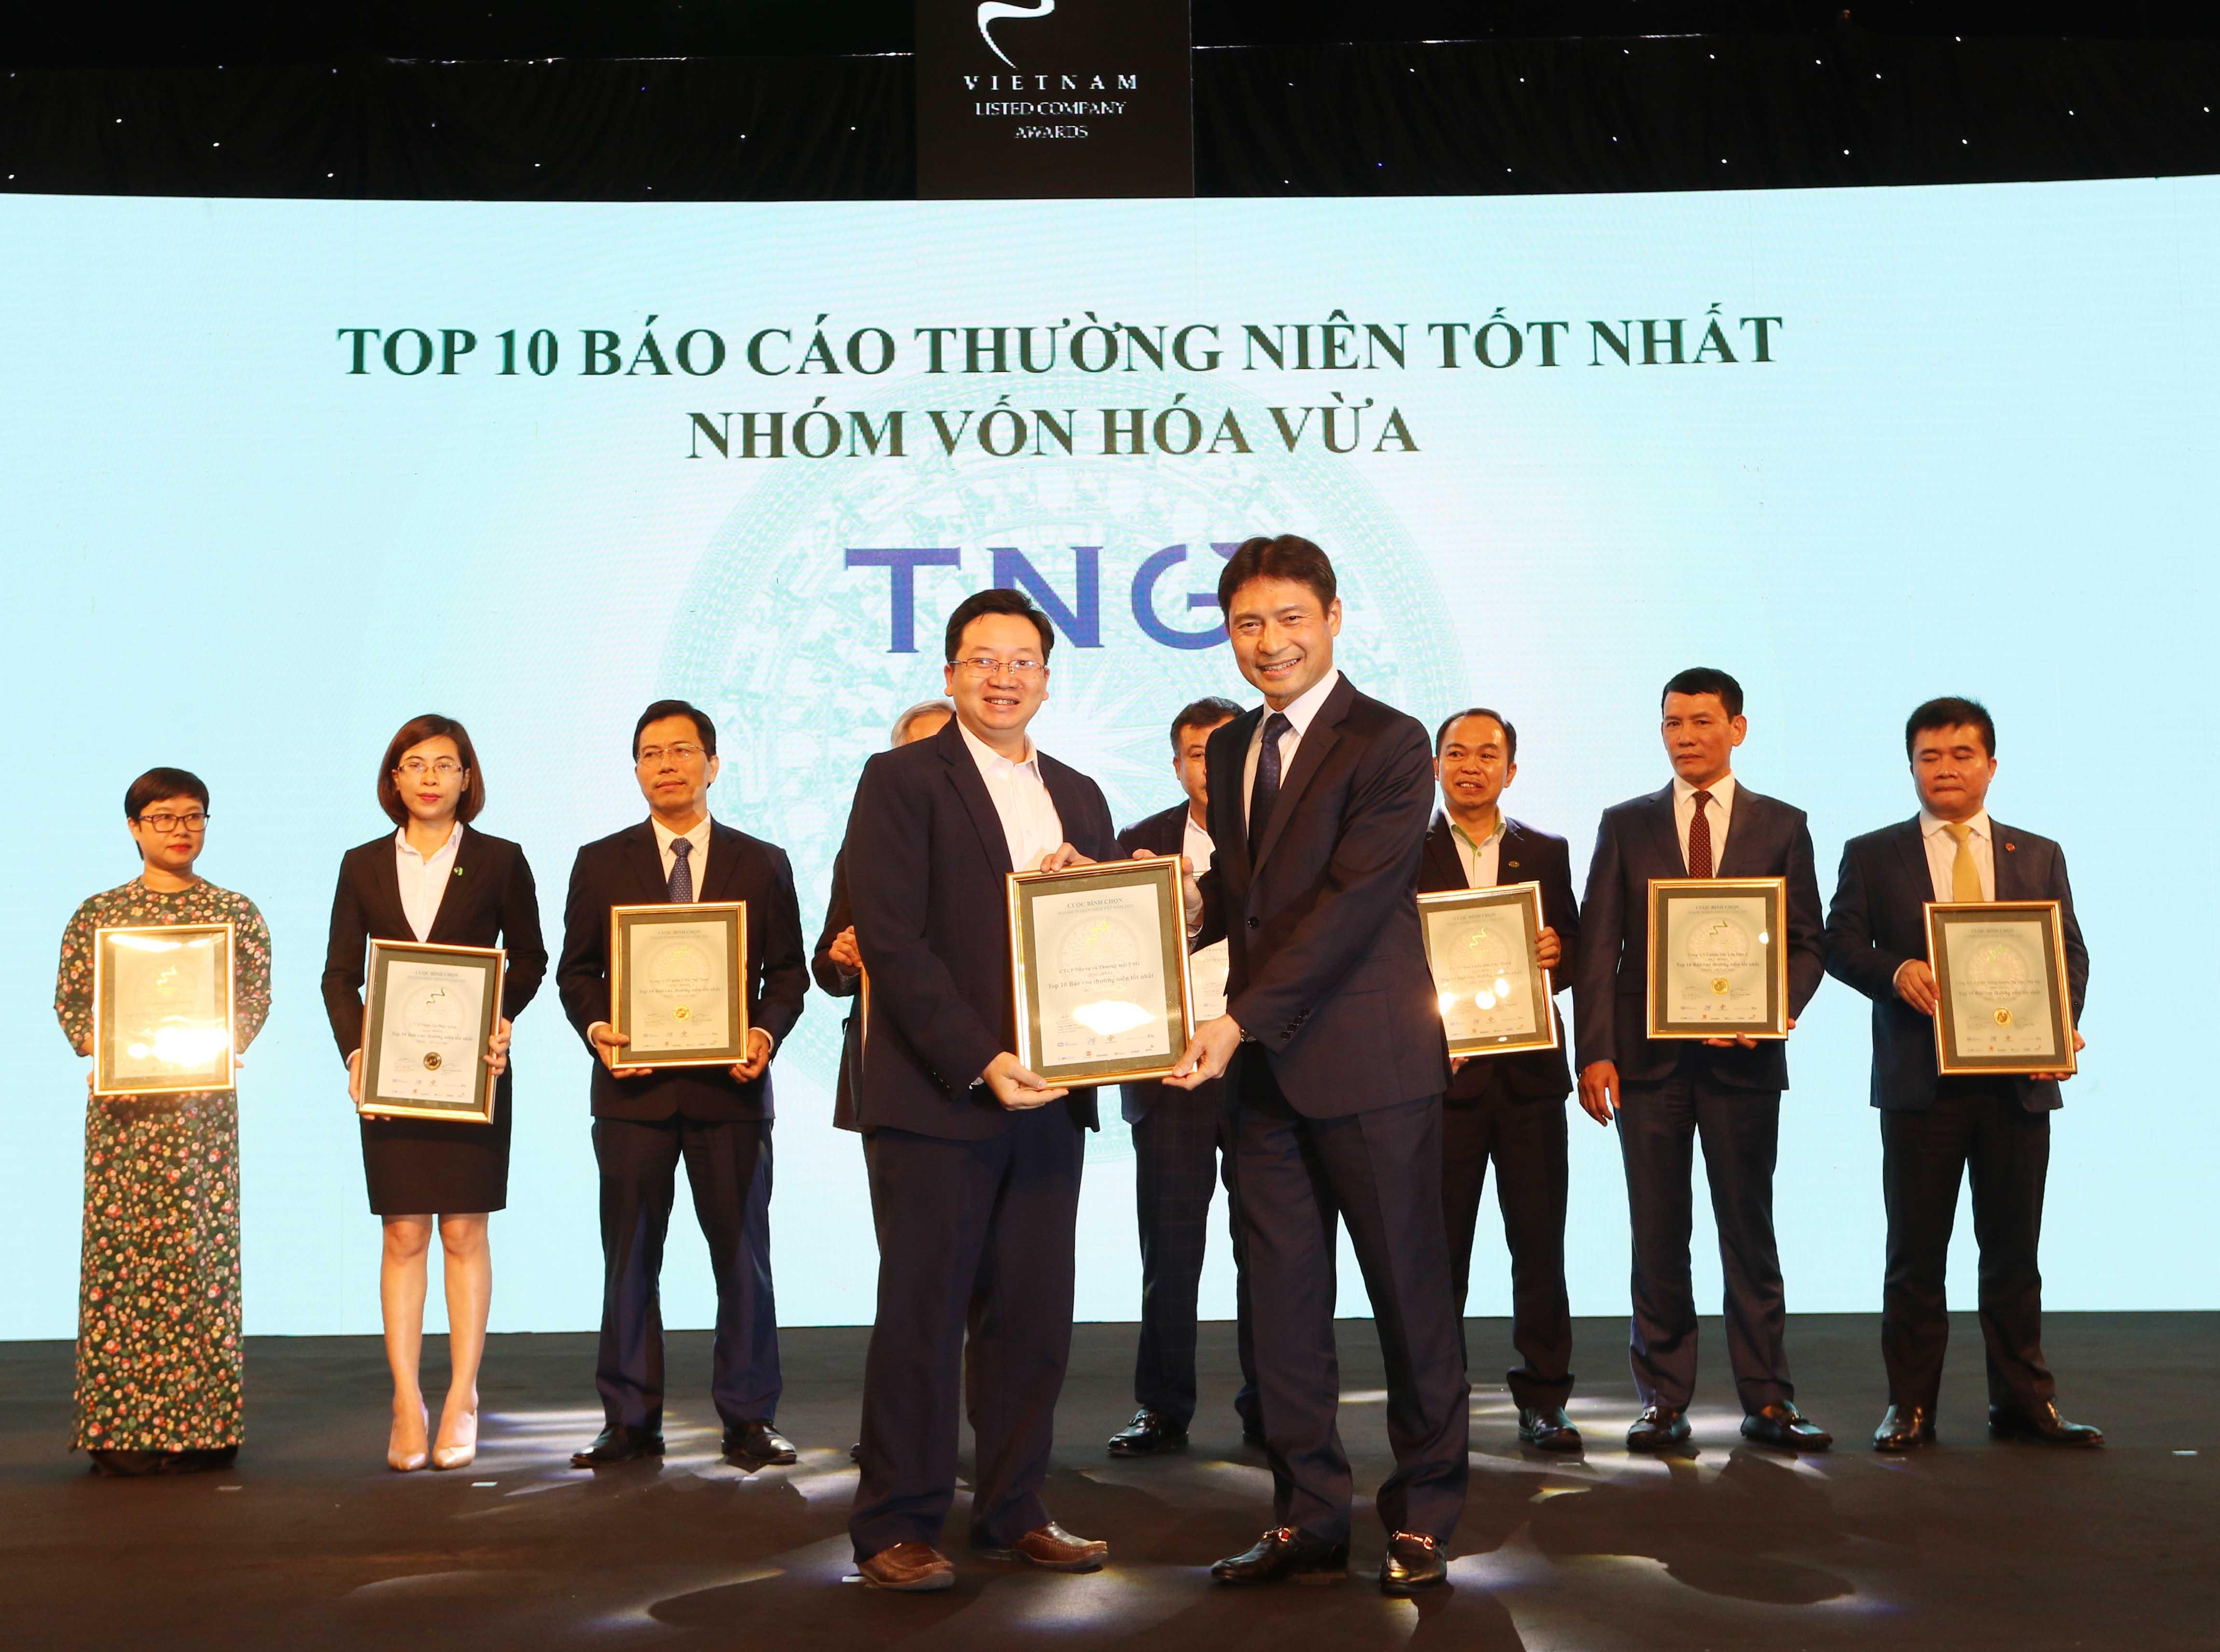 https://www.aravietnam.vn/wp-content/uploads/2020/12/25_Dai-diện-TNG-TOP-10-NNNY-nhóm-vốn-hóa-vừa-có-BCTN-tốt-nhất.jpg